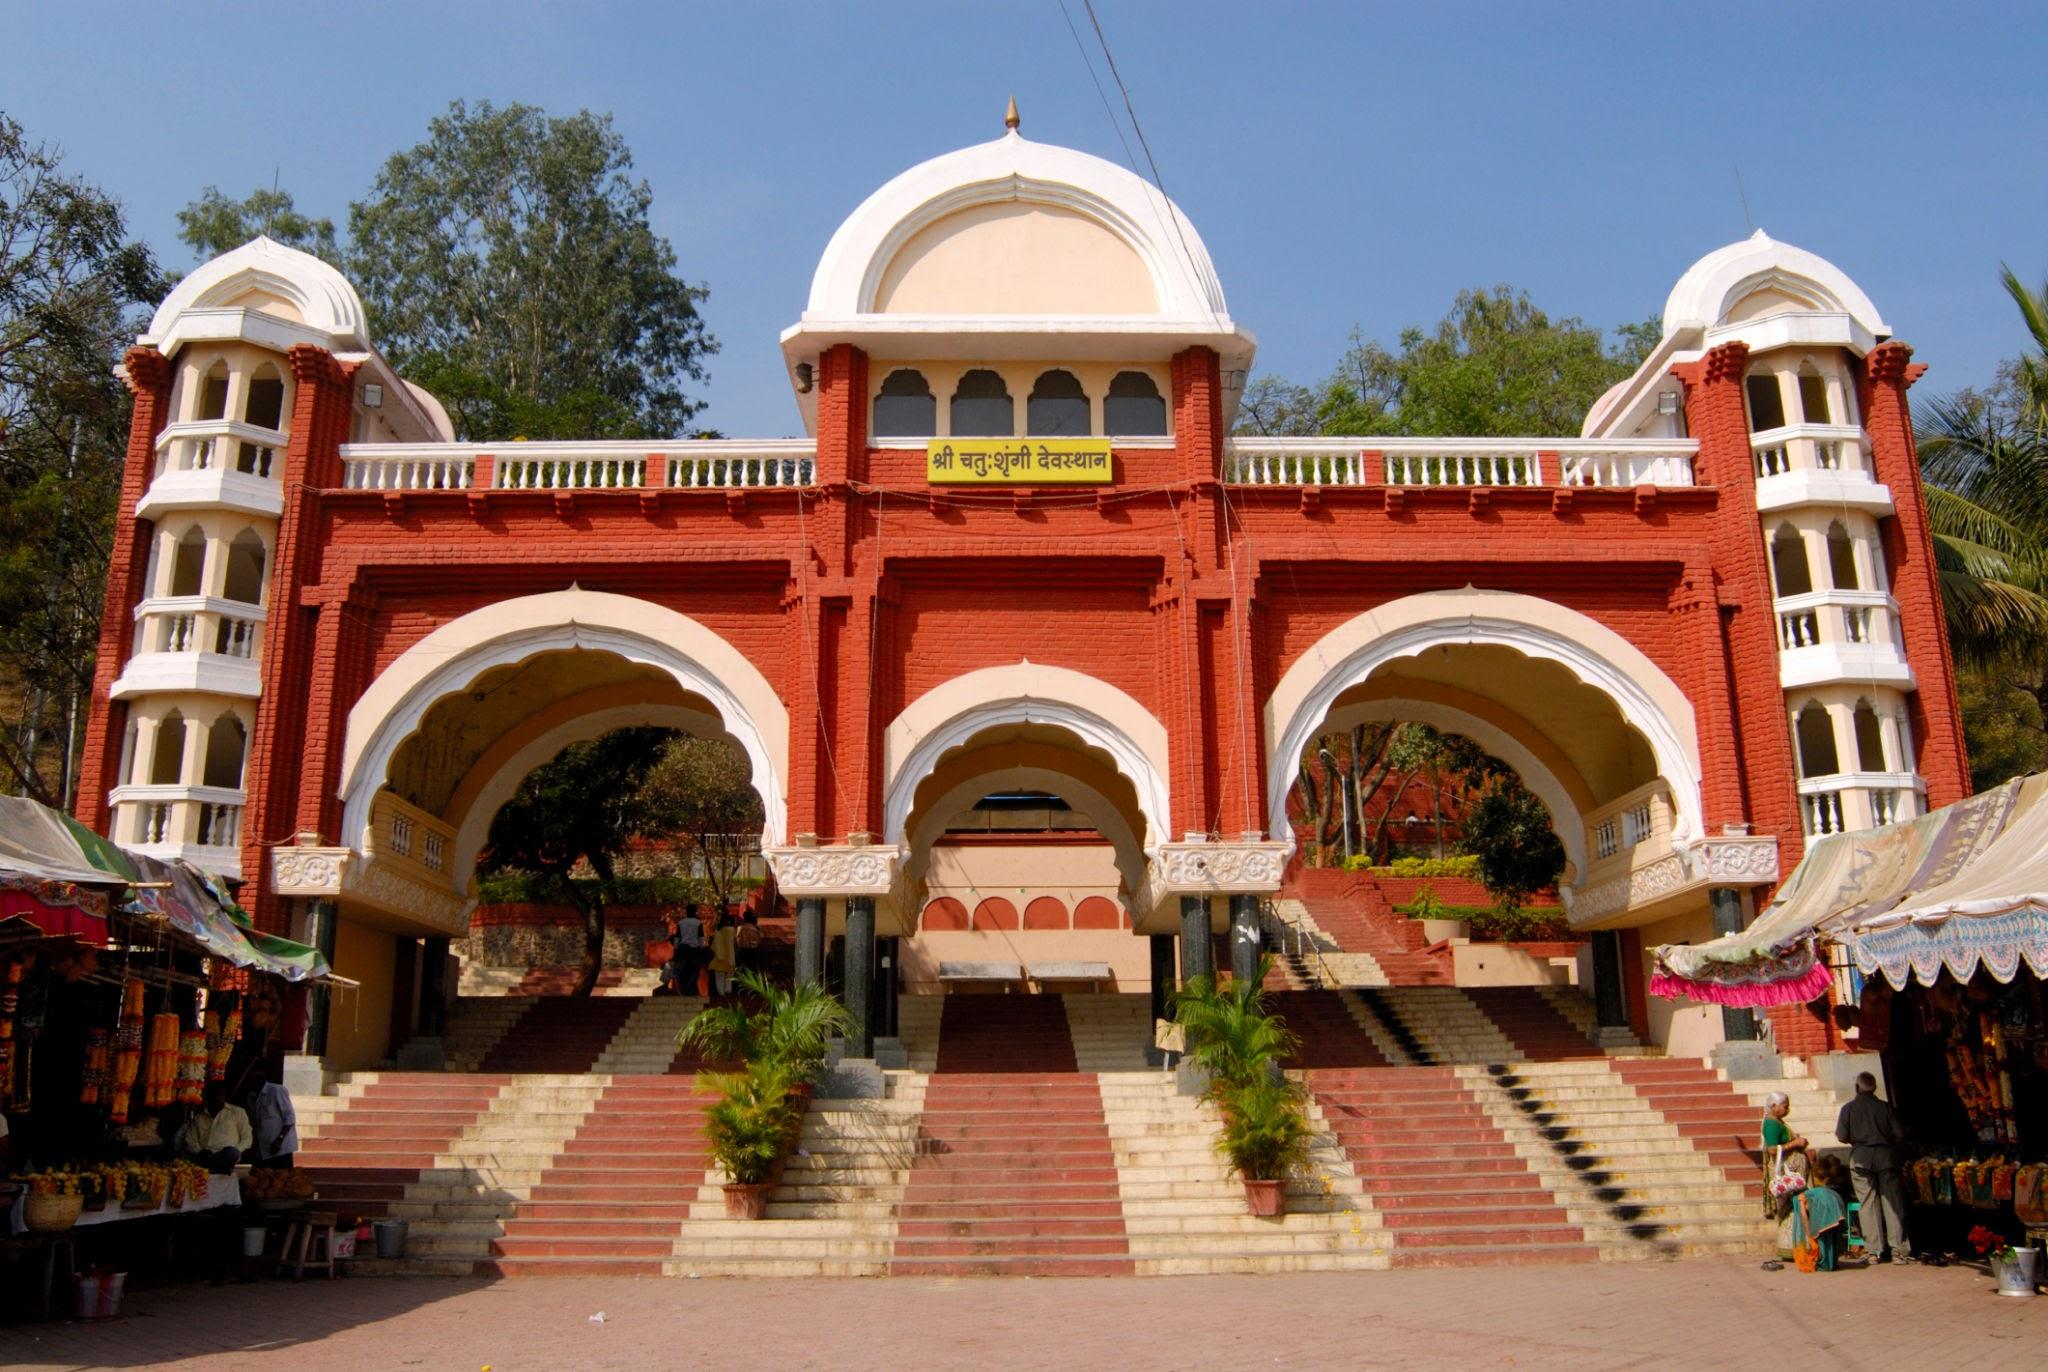 Chattushringi Mandir